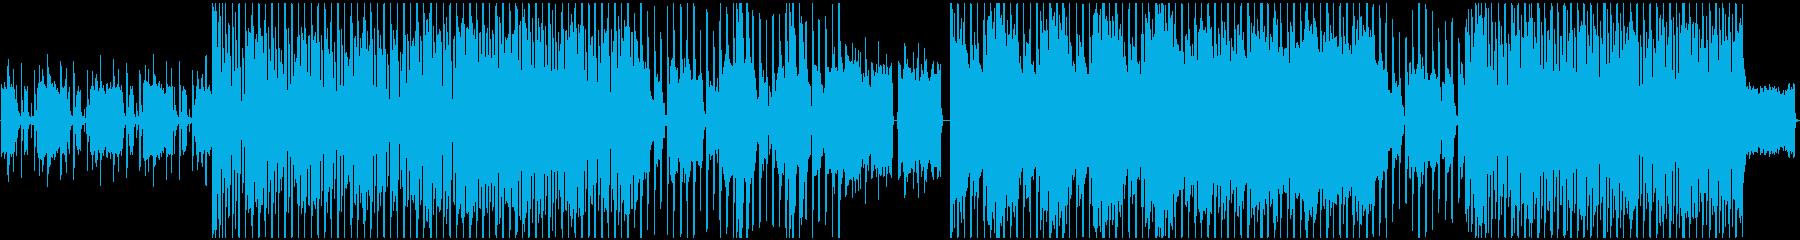 グルーヴィーなリズムとギターリフの再生済みの波形